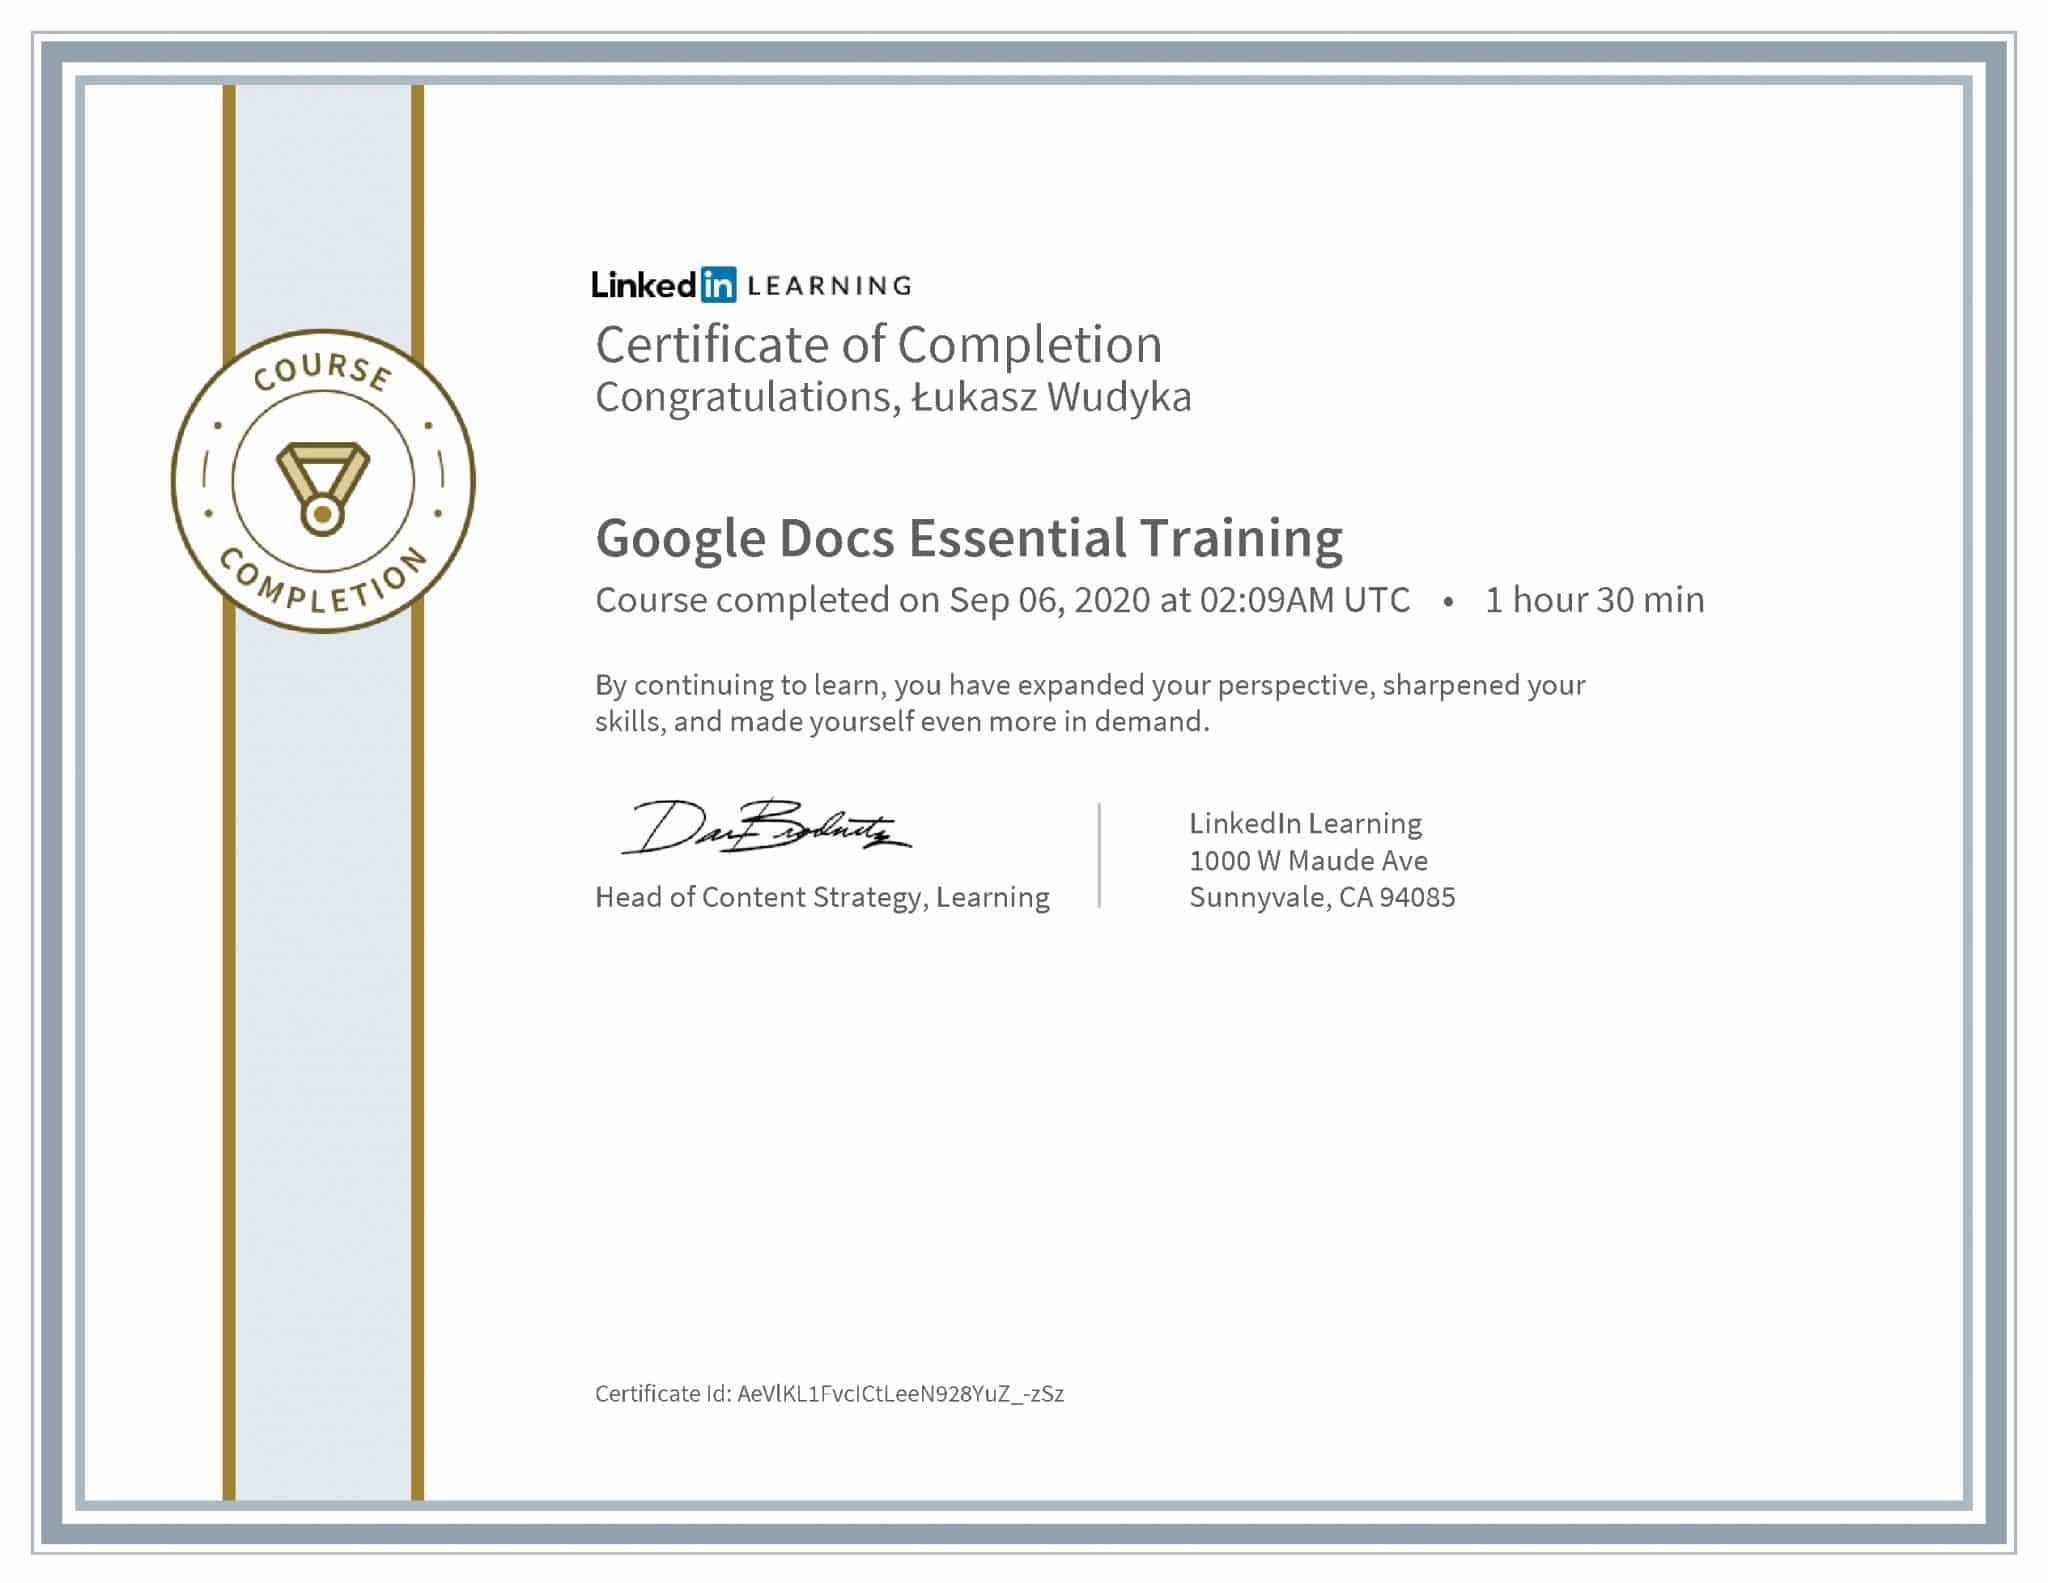 Łukasz Wudyka certyfikat LinkedIn Google Docs Essential Training